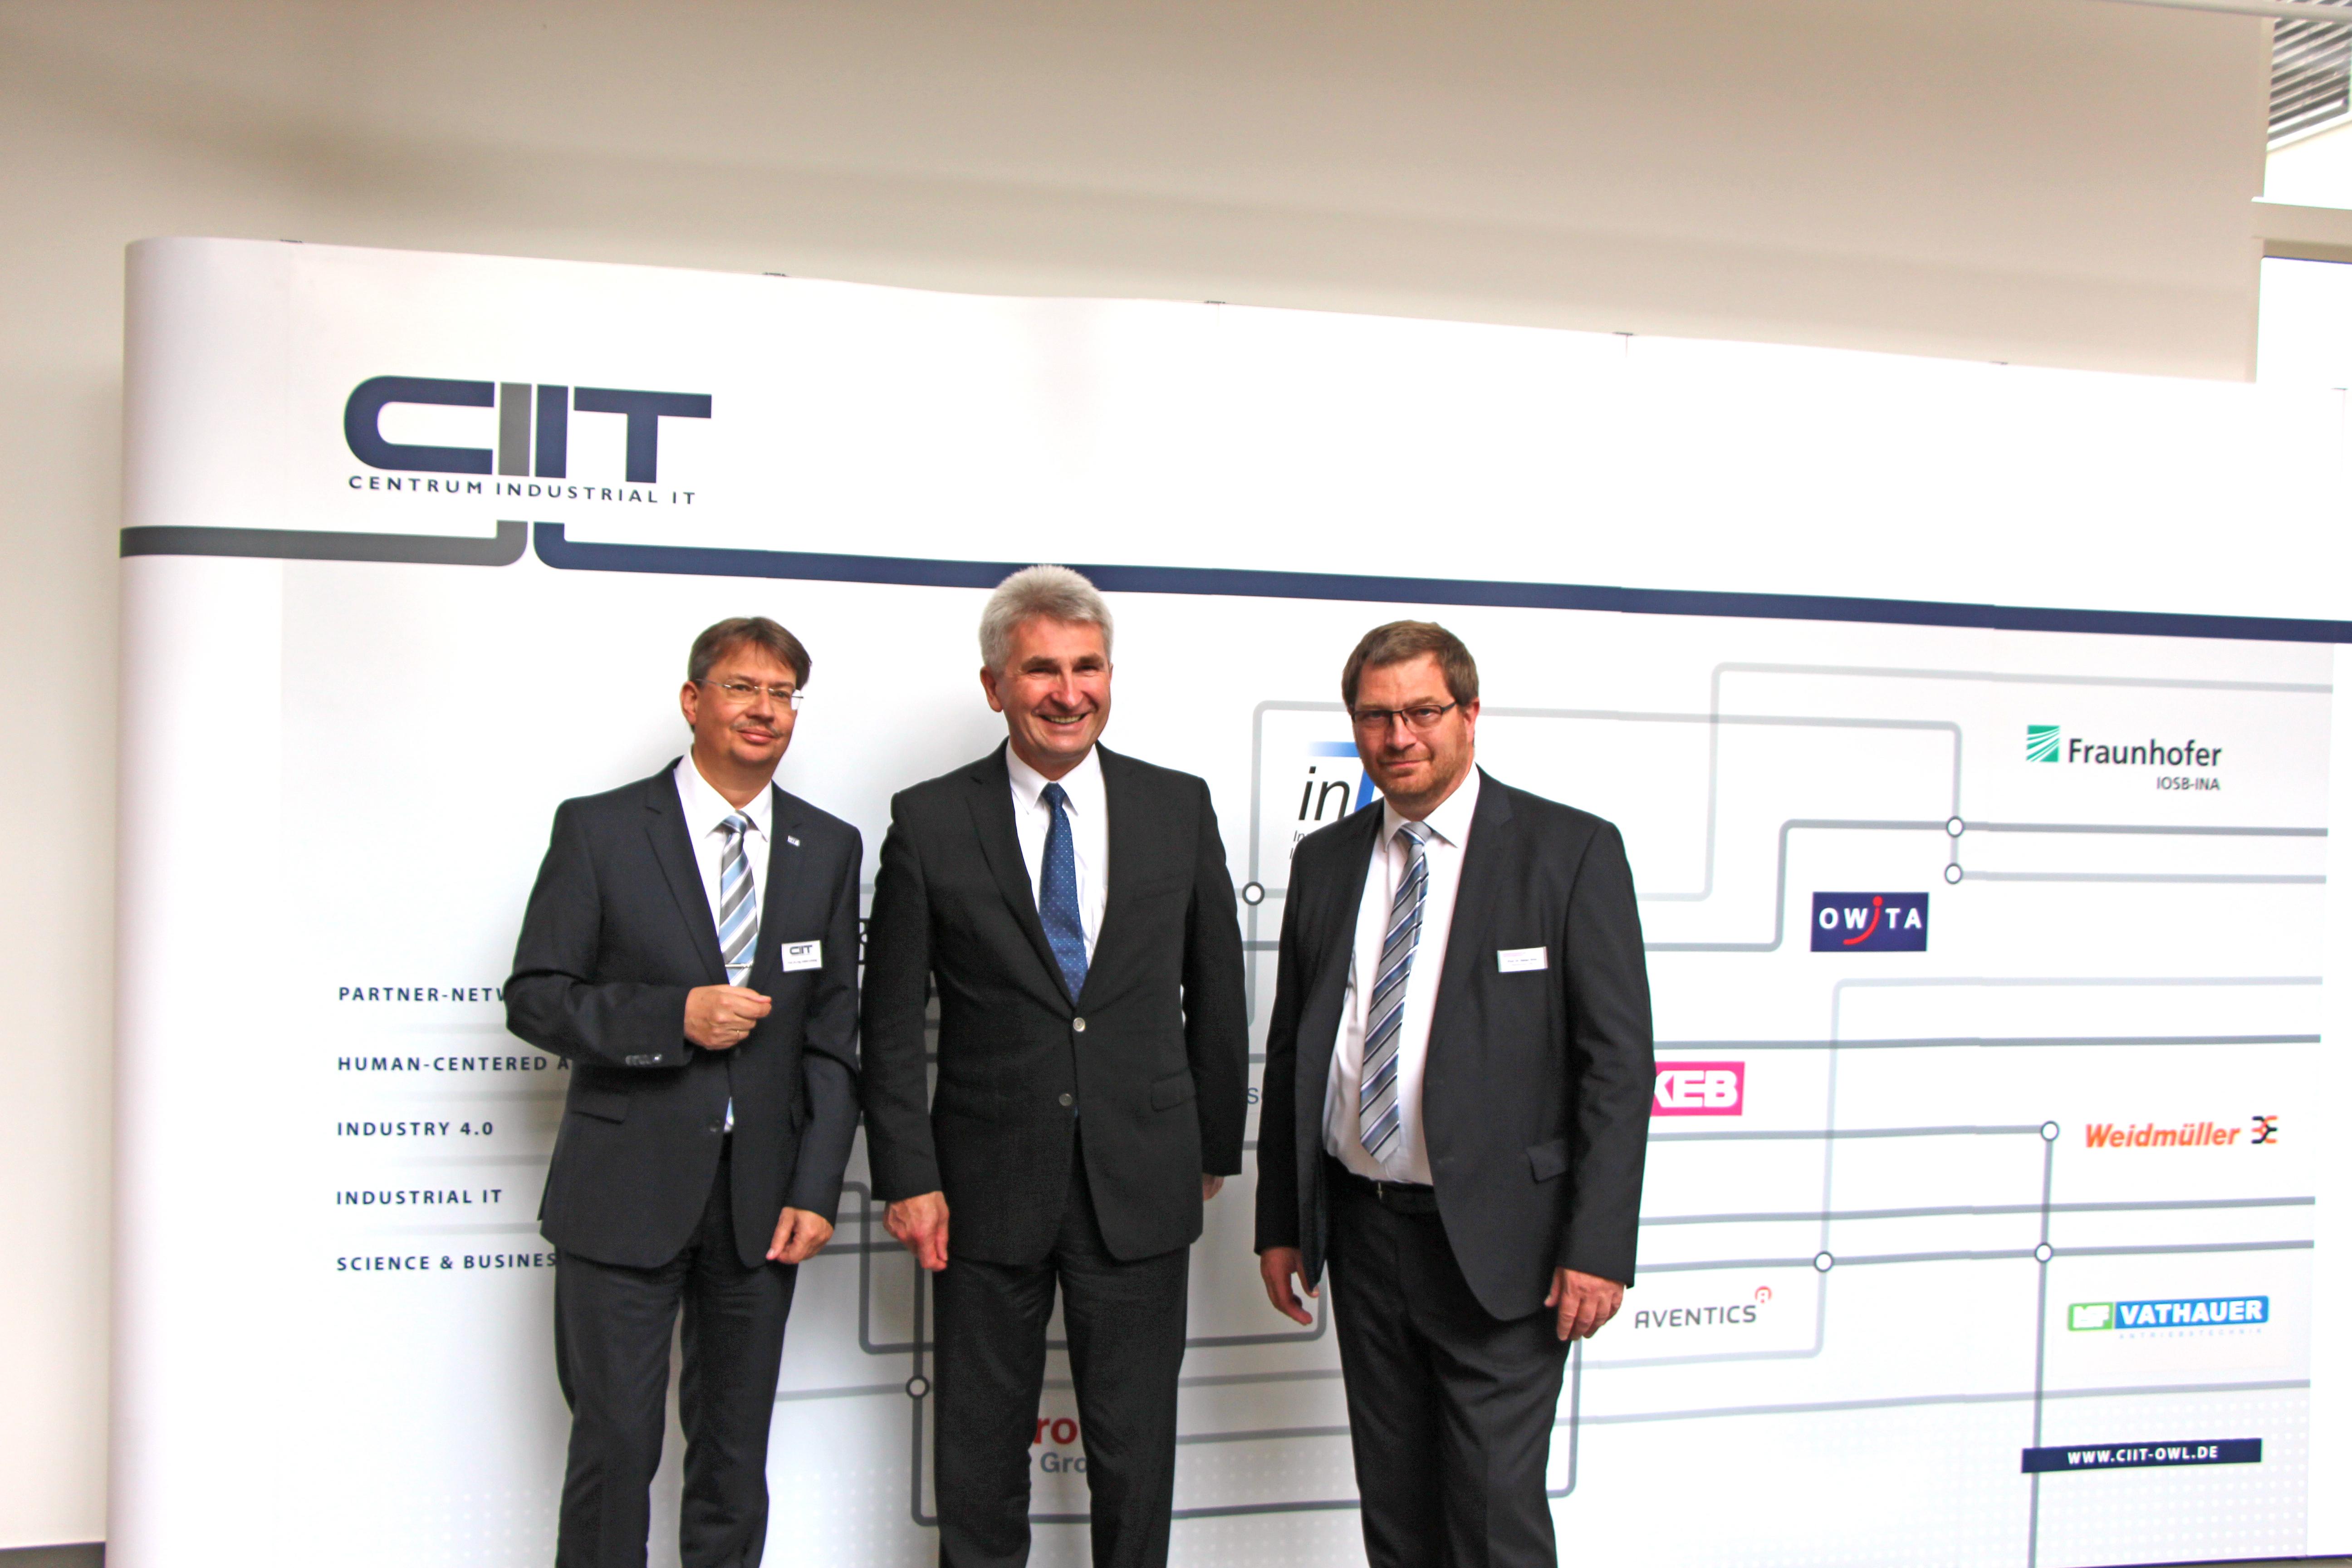 Prof. Volker Lohweg (l.) und Prof. Stefan Witte (r.) begrüßen den NRW-Wirtschaftsminister Prof. Andreas Pinkwart im Forschungs- und Entwicklungszentrum CENTRUM INDUSTRIAL IT (CIIT) (Foto: Fraunhofer IOSB-INA)